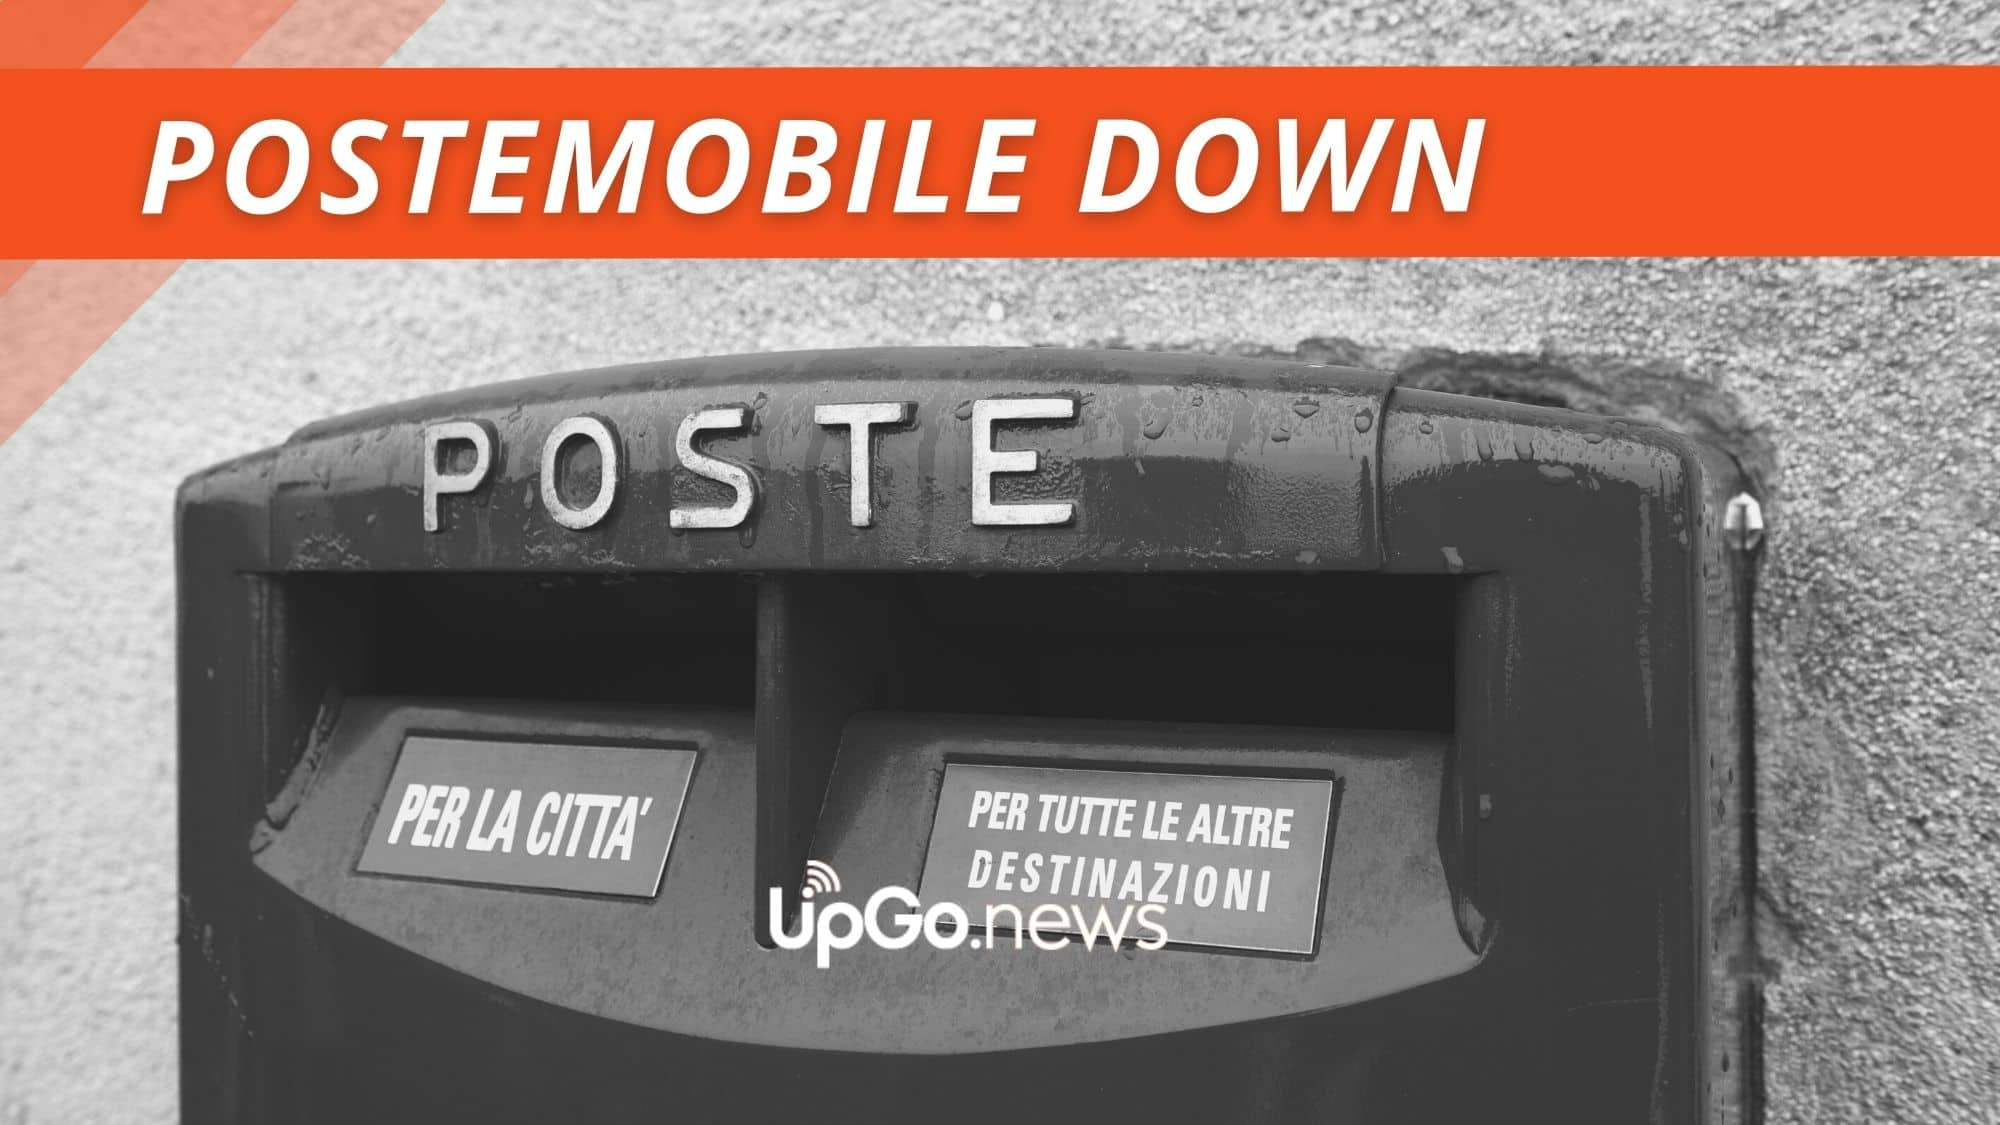 PosteMobile down